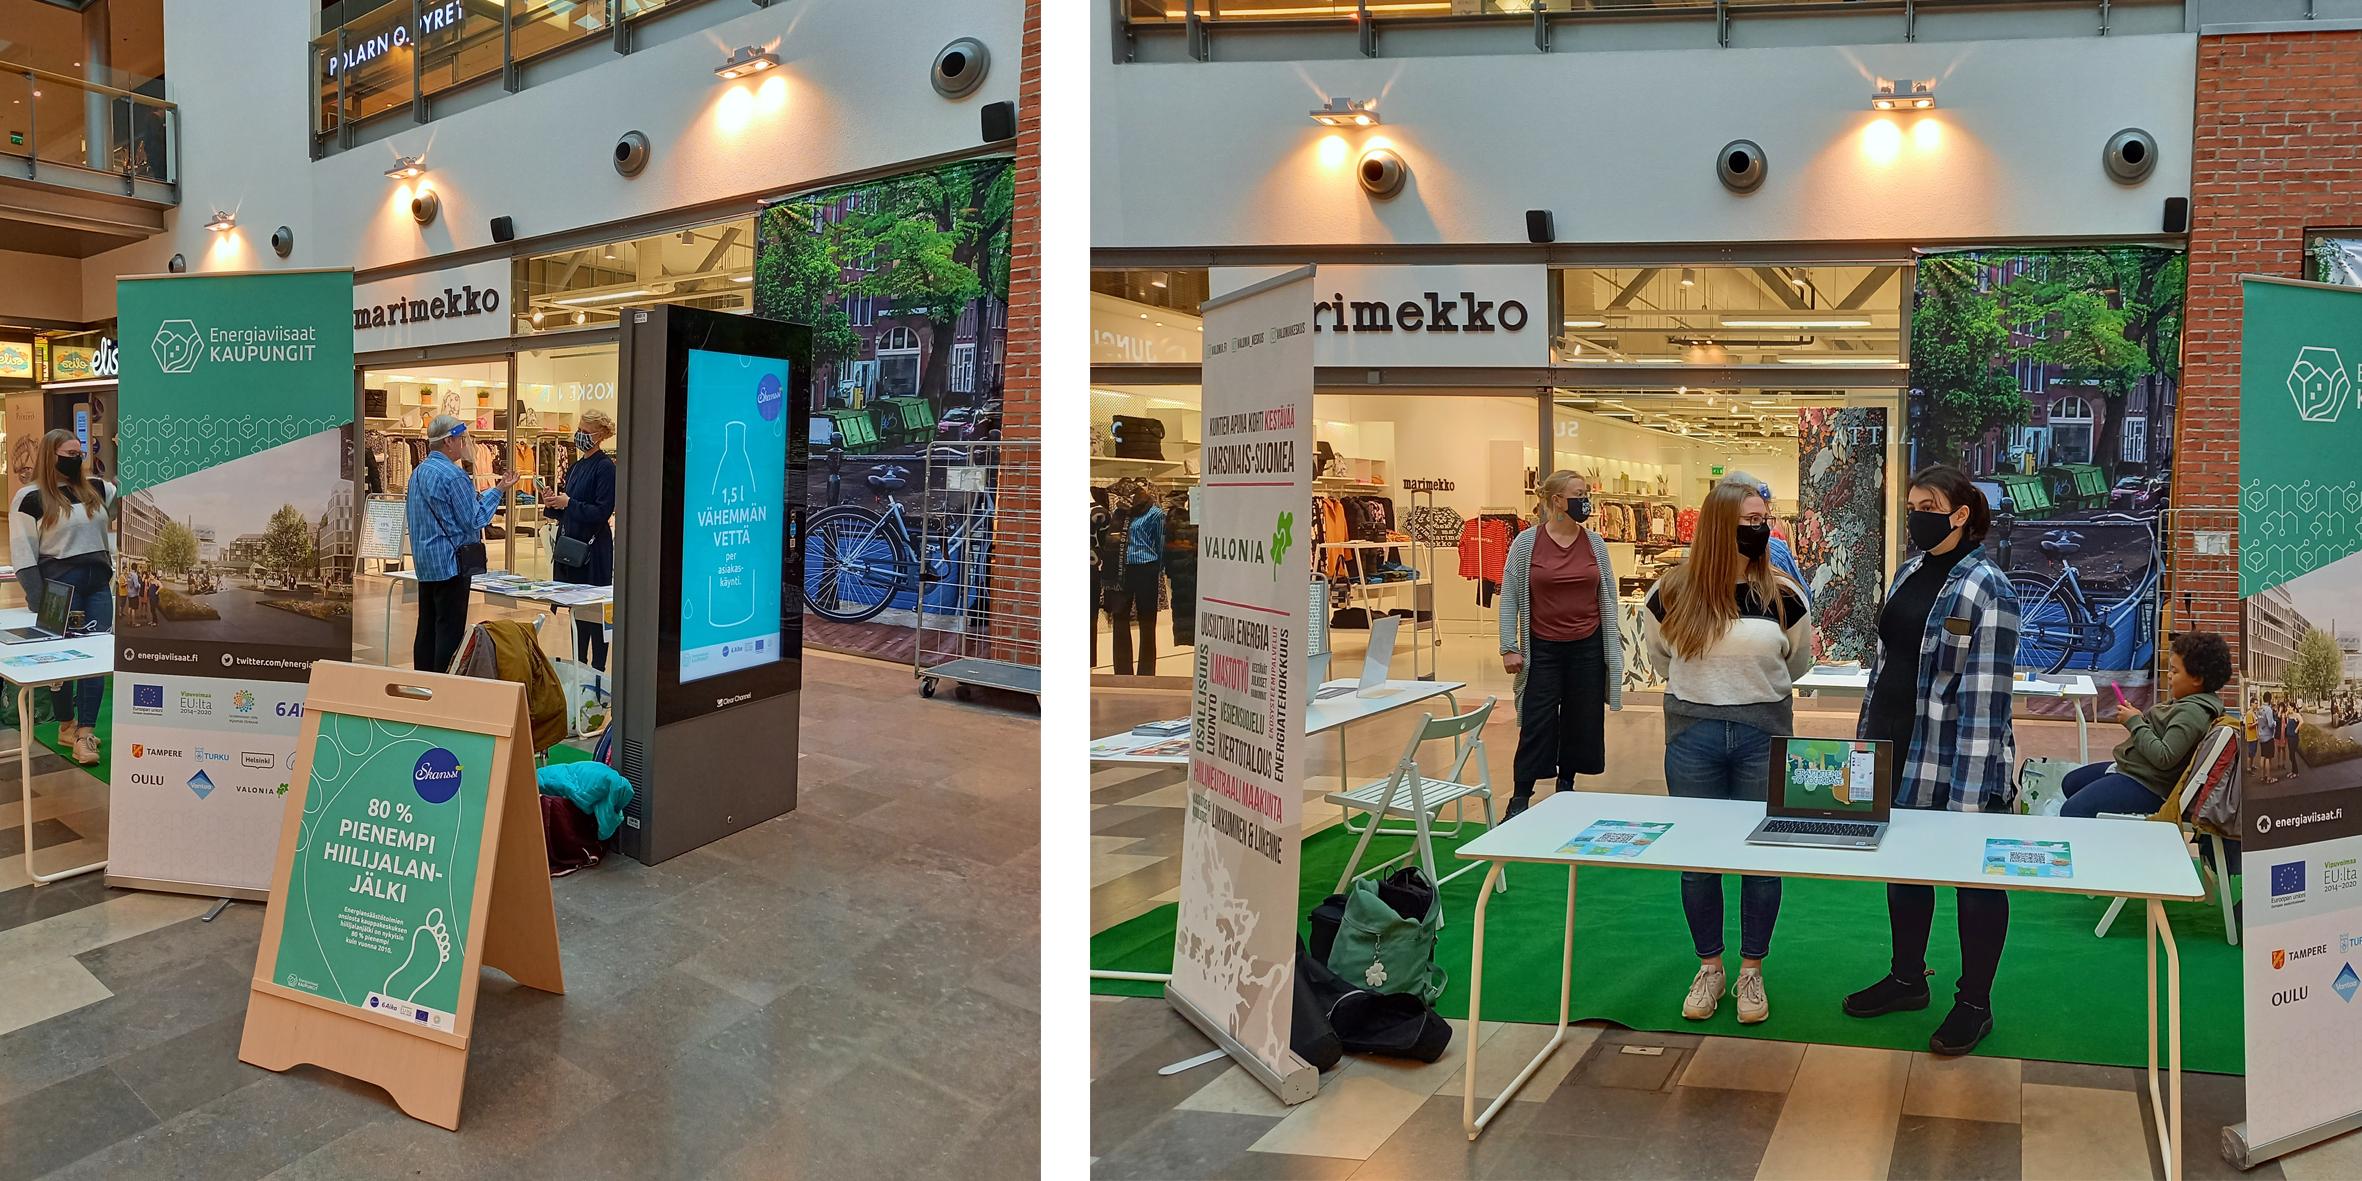 Energiansäästöviikon pop-up piste kauppakeskuksessa, jossa mukana Turun kaupunki, Valonia, Martat ja Punnu Games